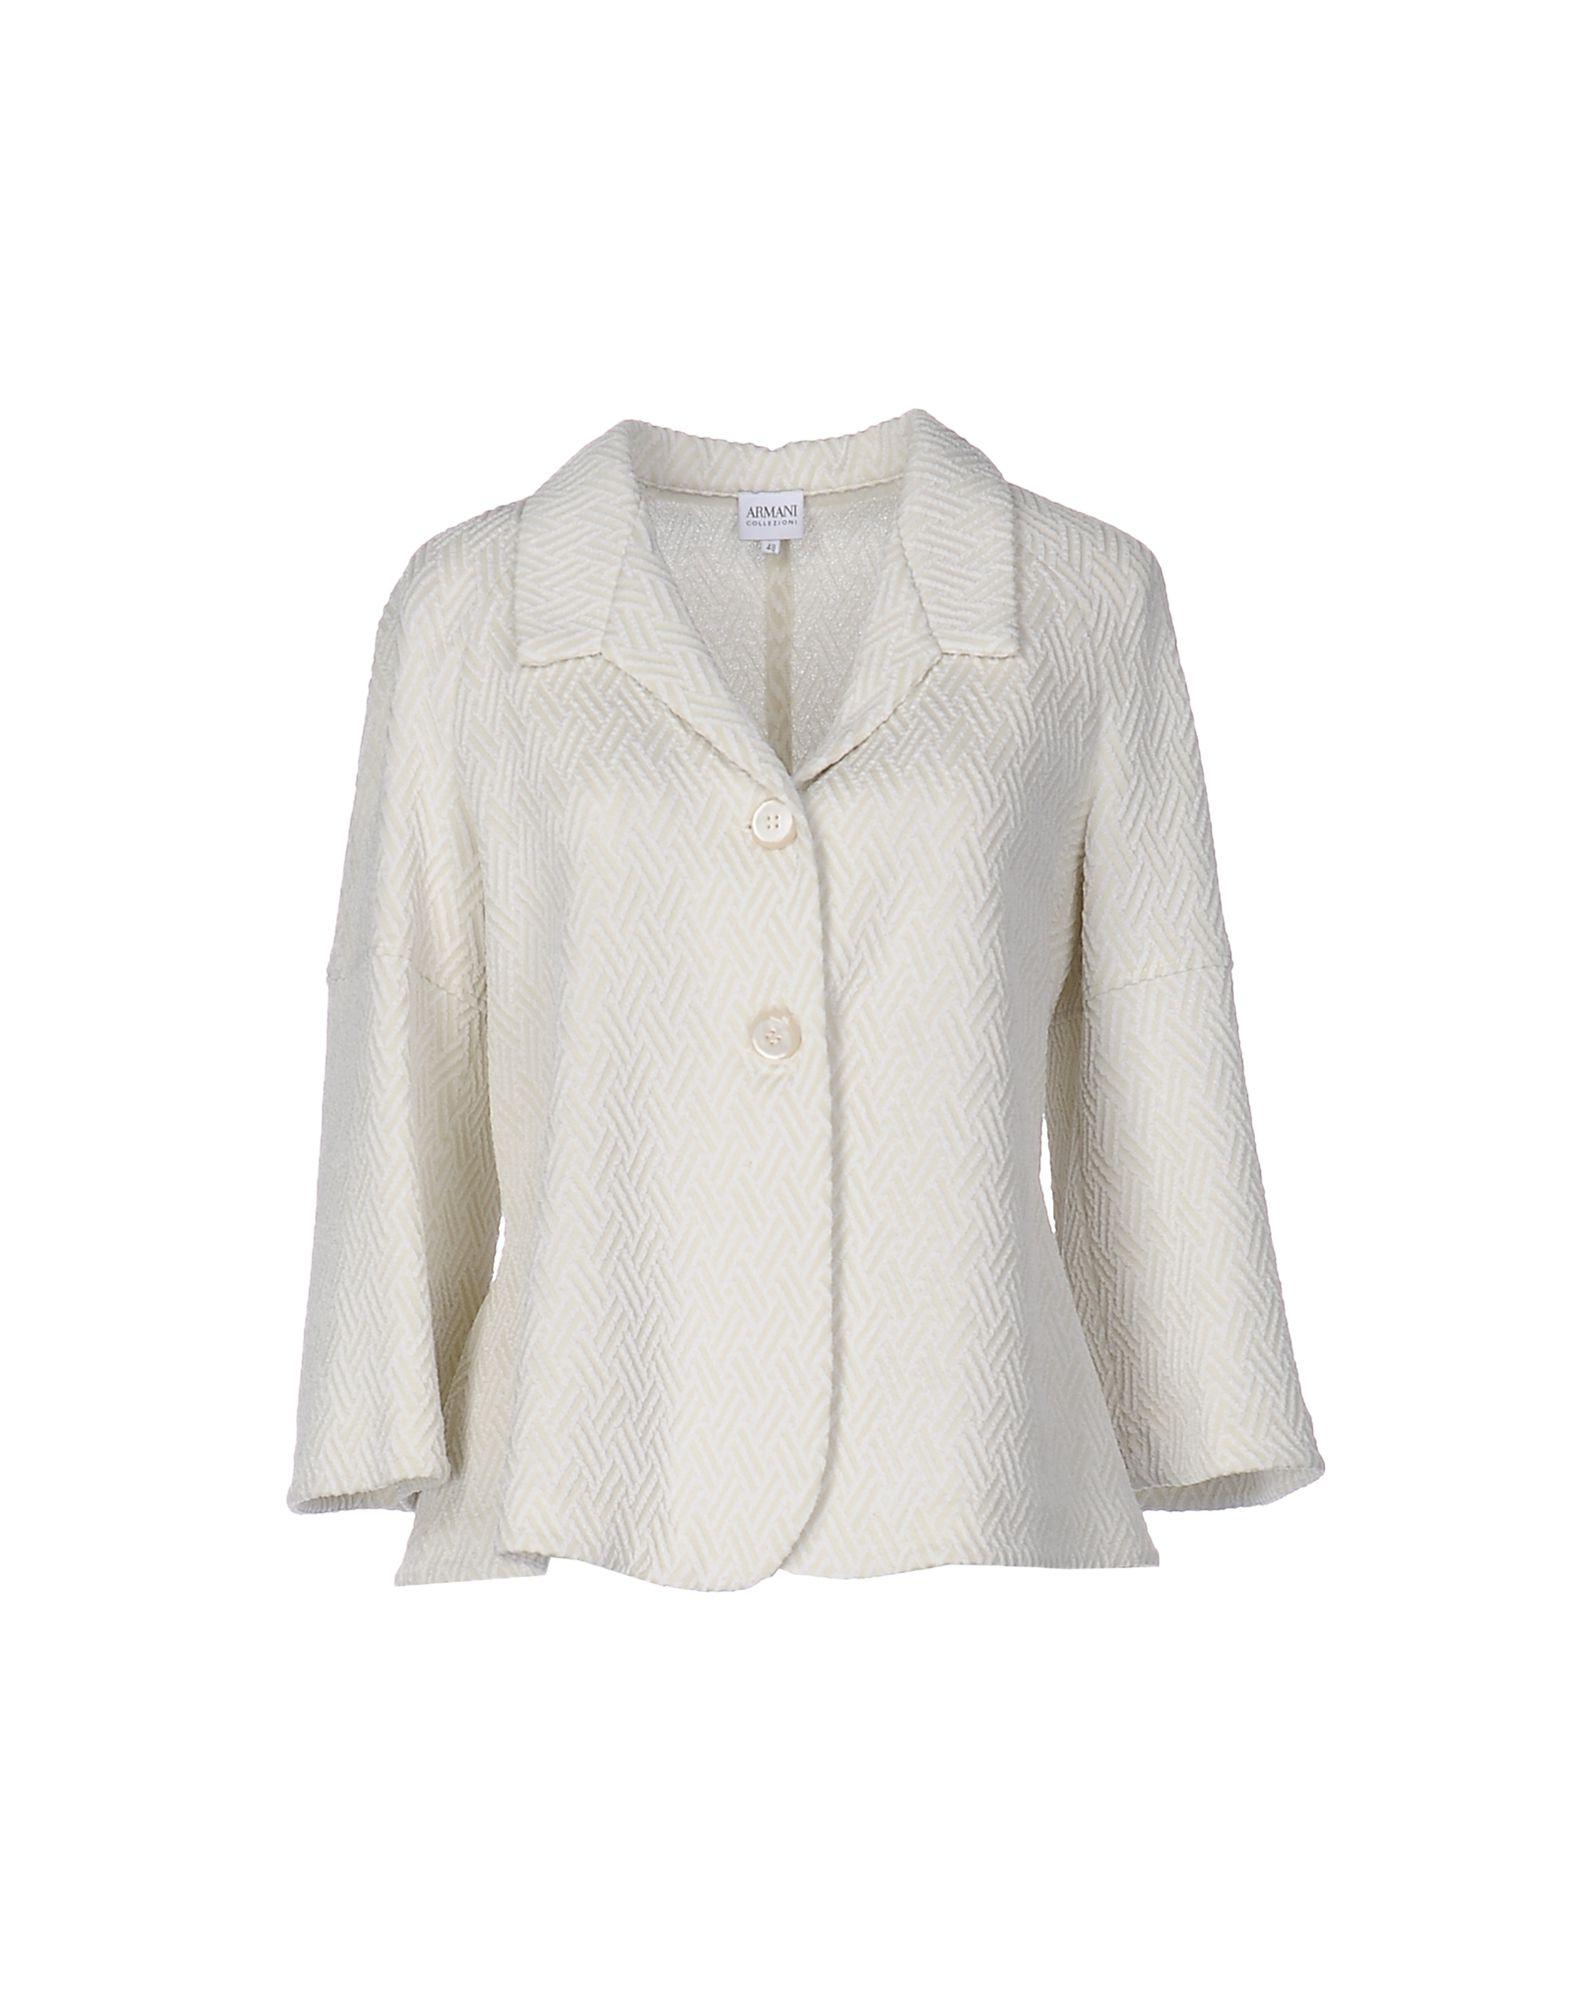 Giacca Armani Collezioni Donna - Acquista online su MoP8Gg4xF